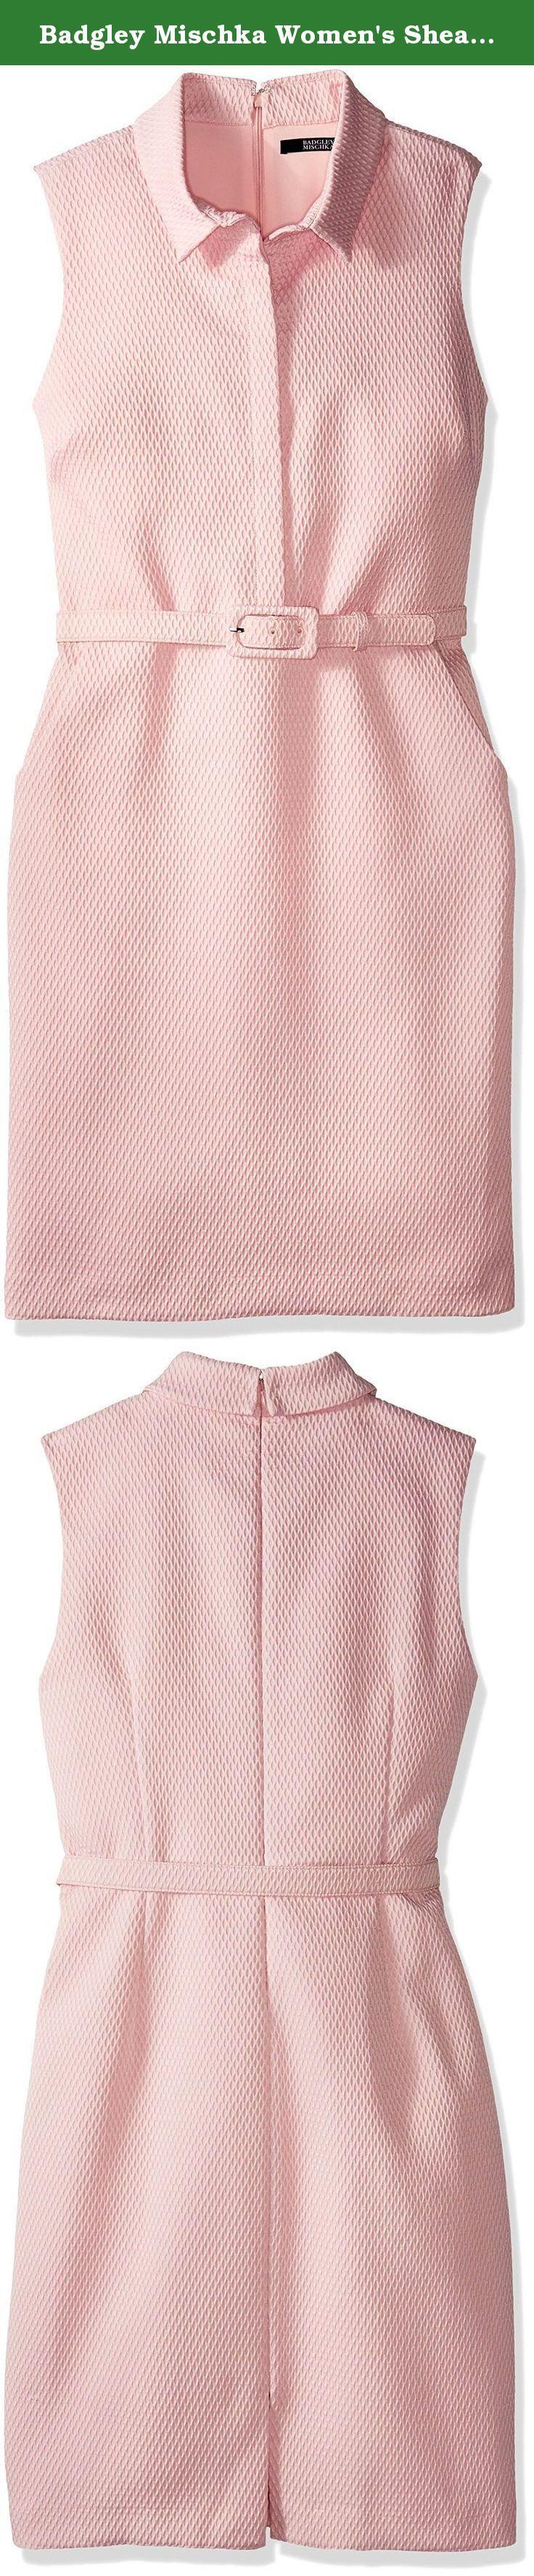 Badgley Mischka Women's Sheath Shirt Dress, Light Blush, 16. Petal pink shirt dress with belted waist.